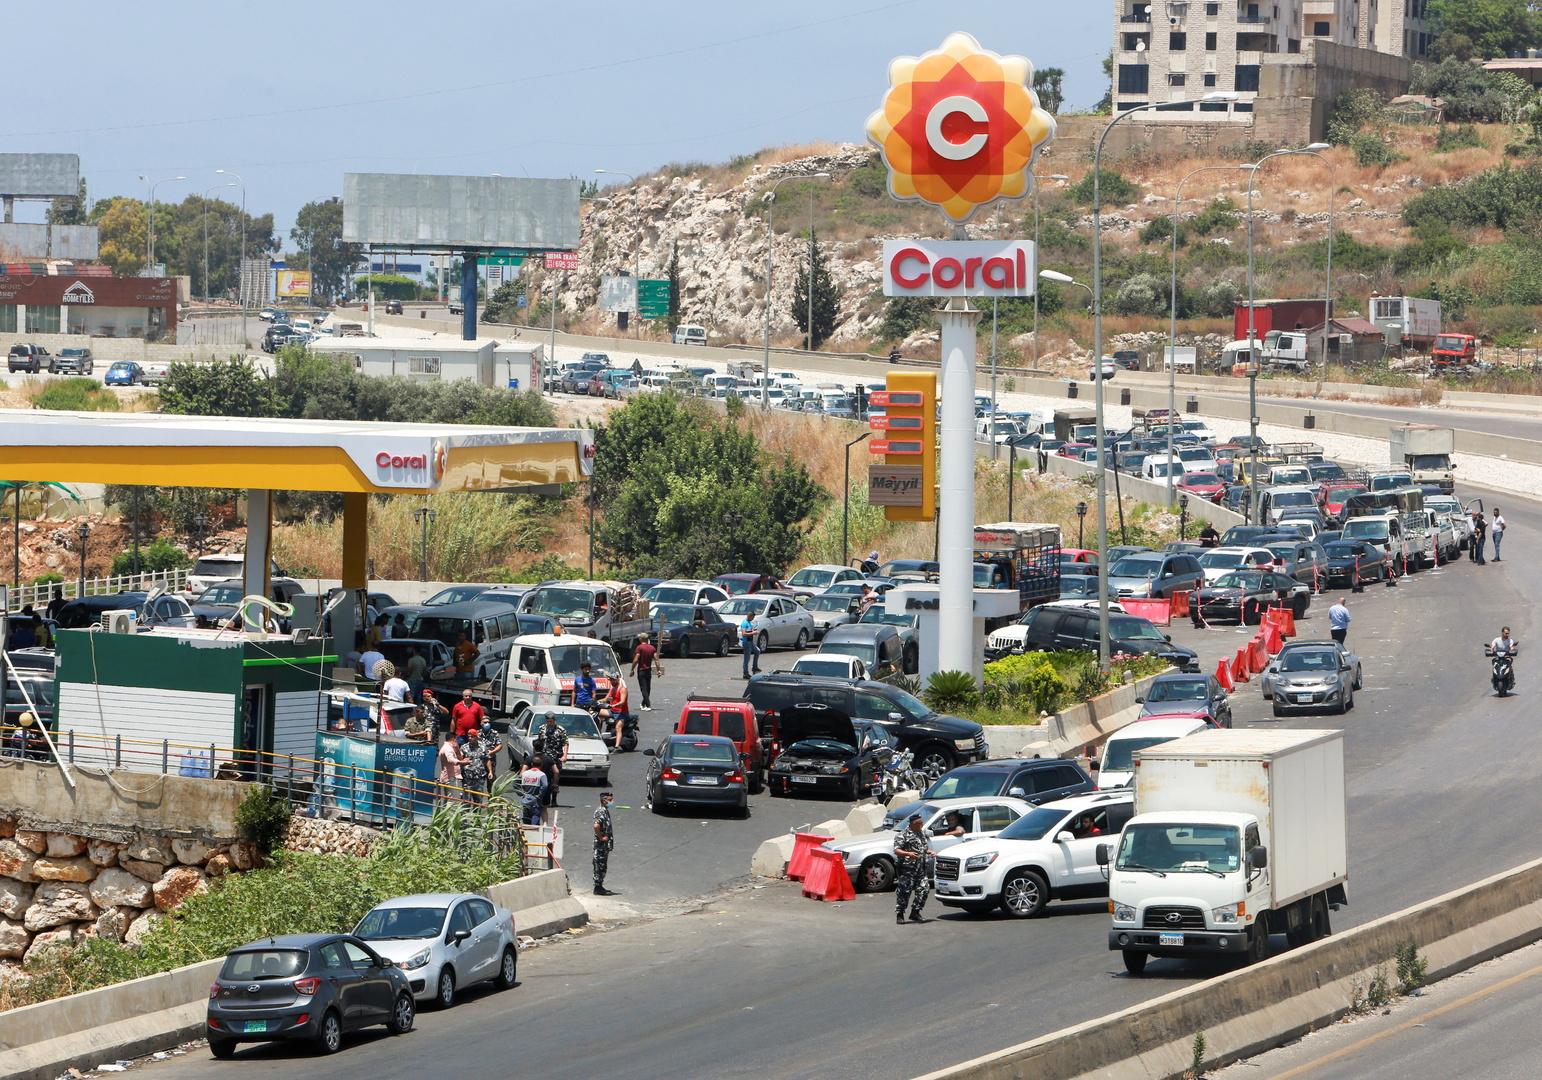 طوابير سيارات بانتظار دورهم لتعبئة البنزين في لبنان